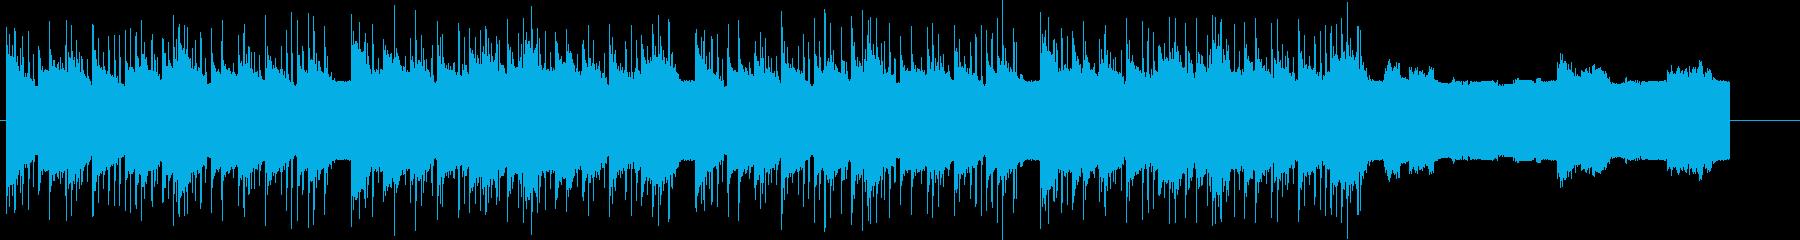 ダークサイド感のあるエレクトロの再生済みの波形